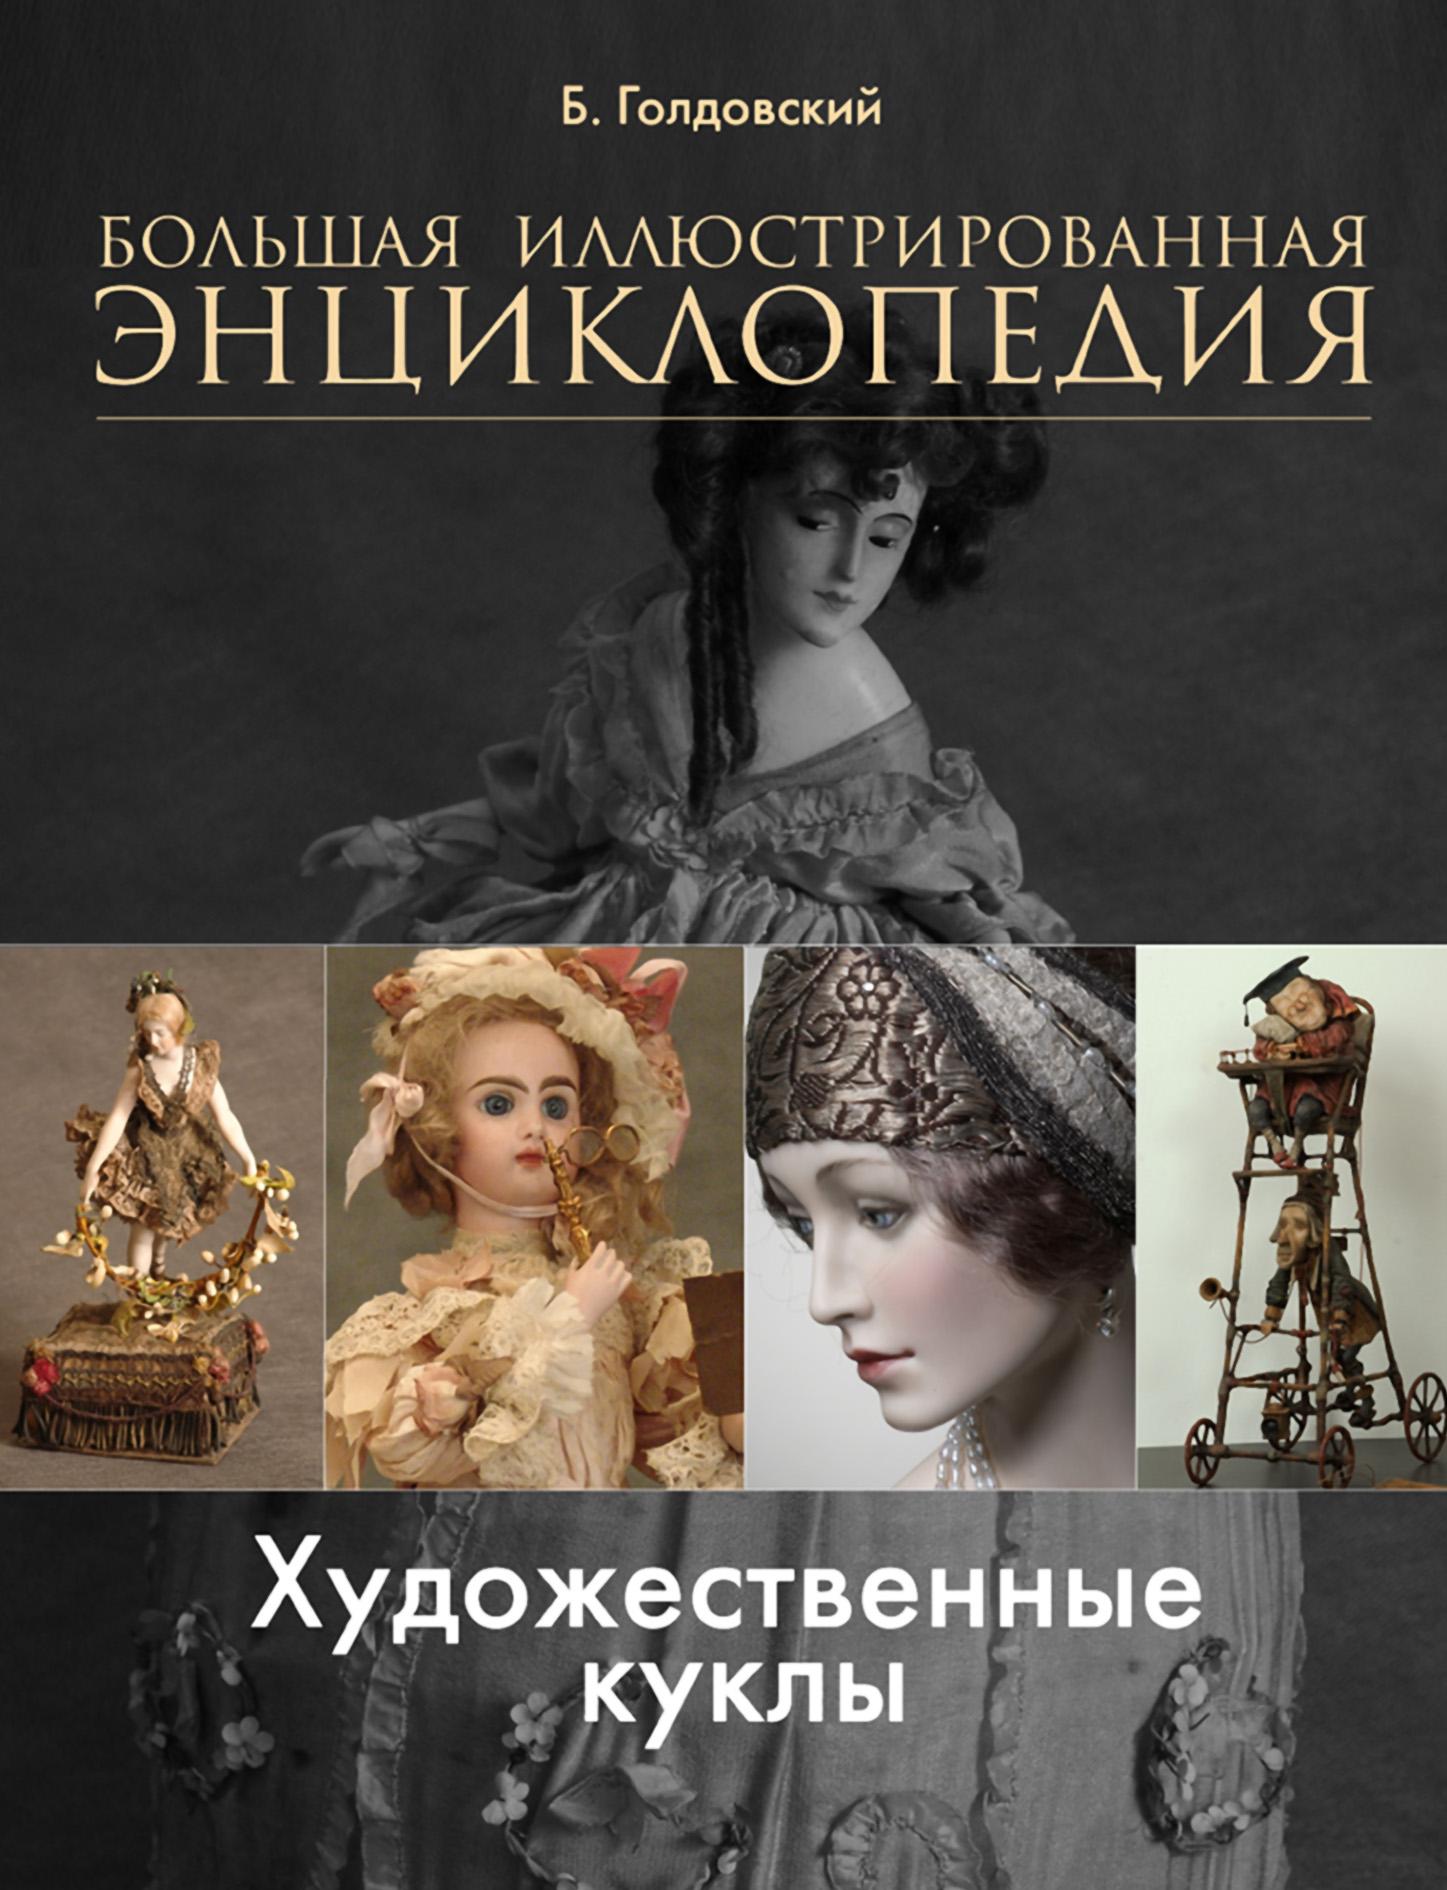 Борис Голдовский Художественные куклы. Большая иллюстрированная энциклопедия